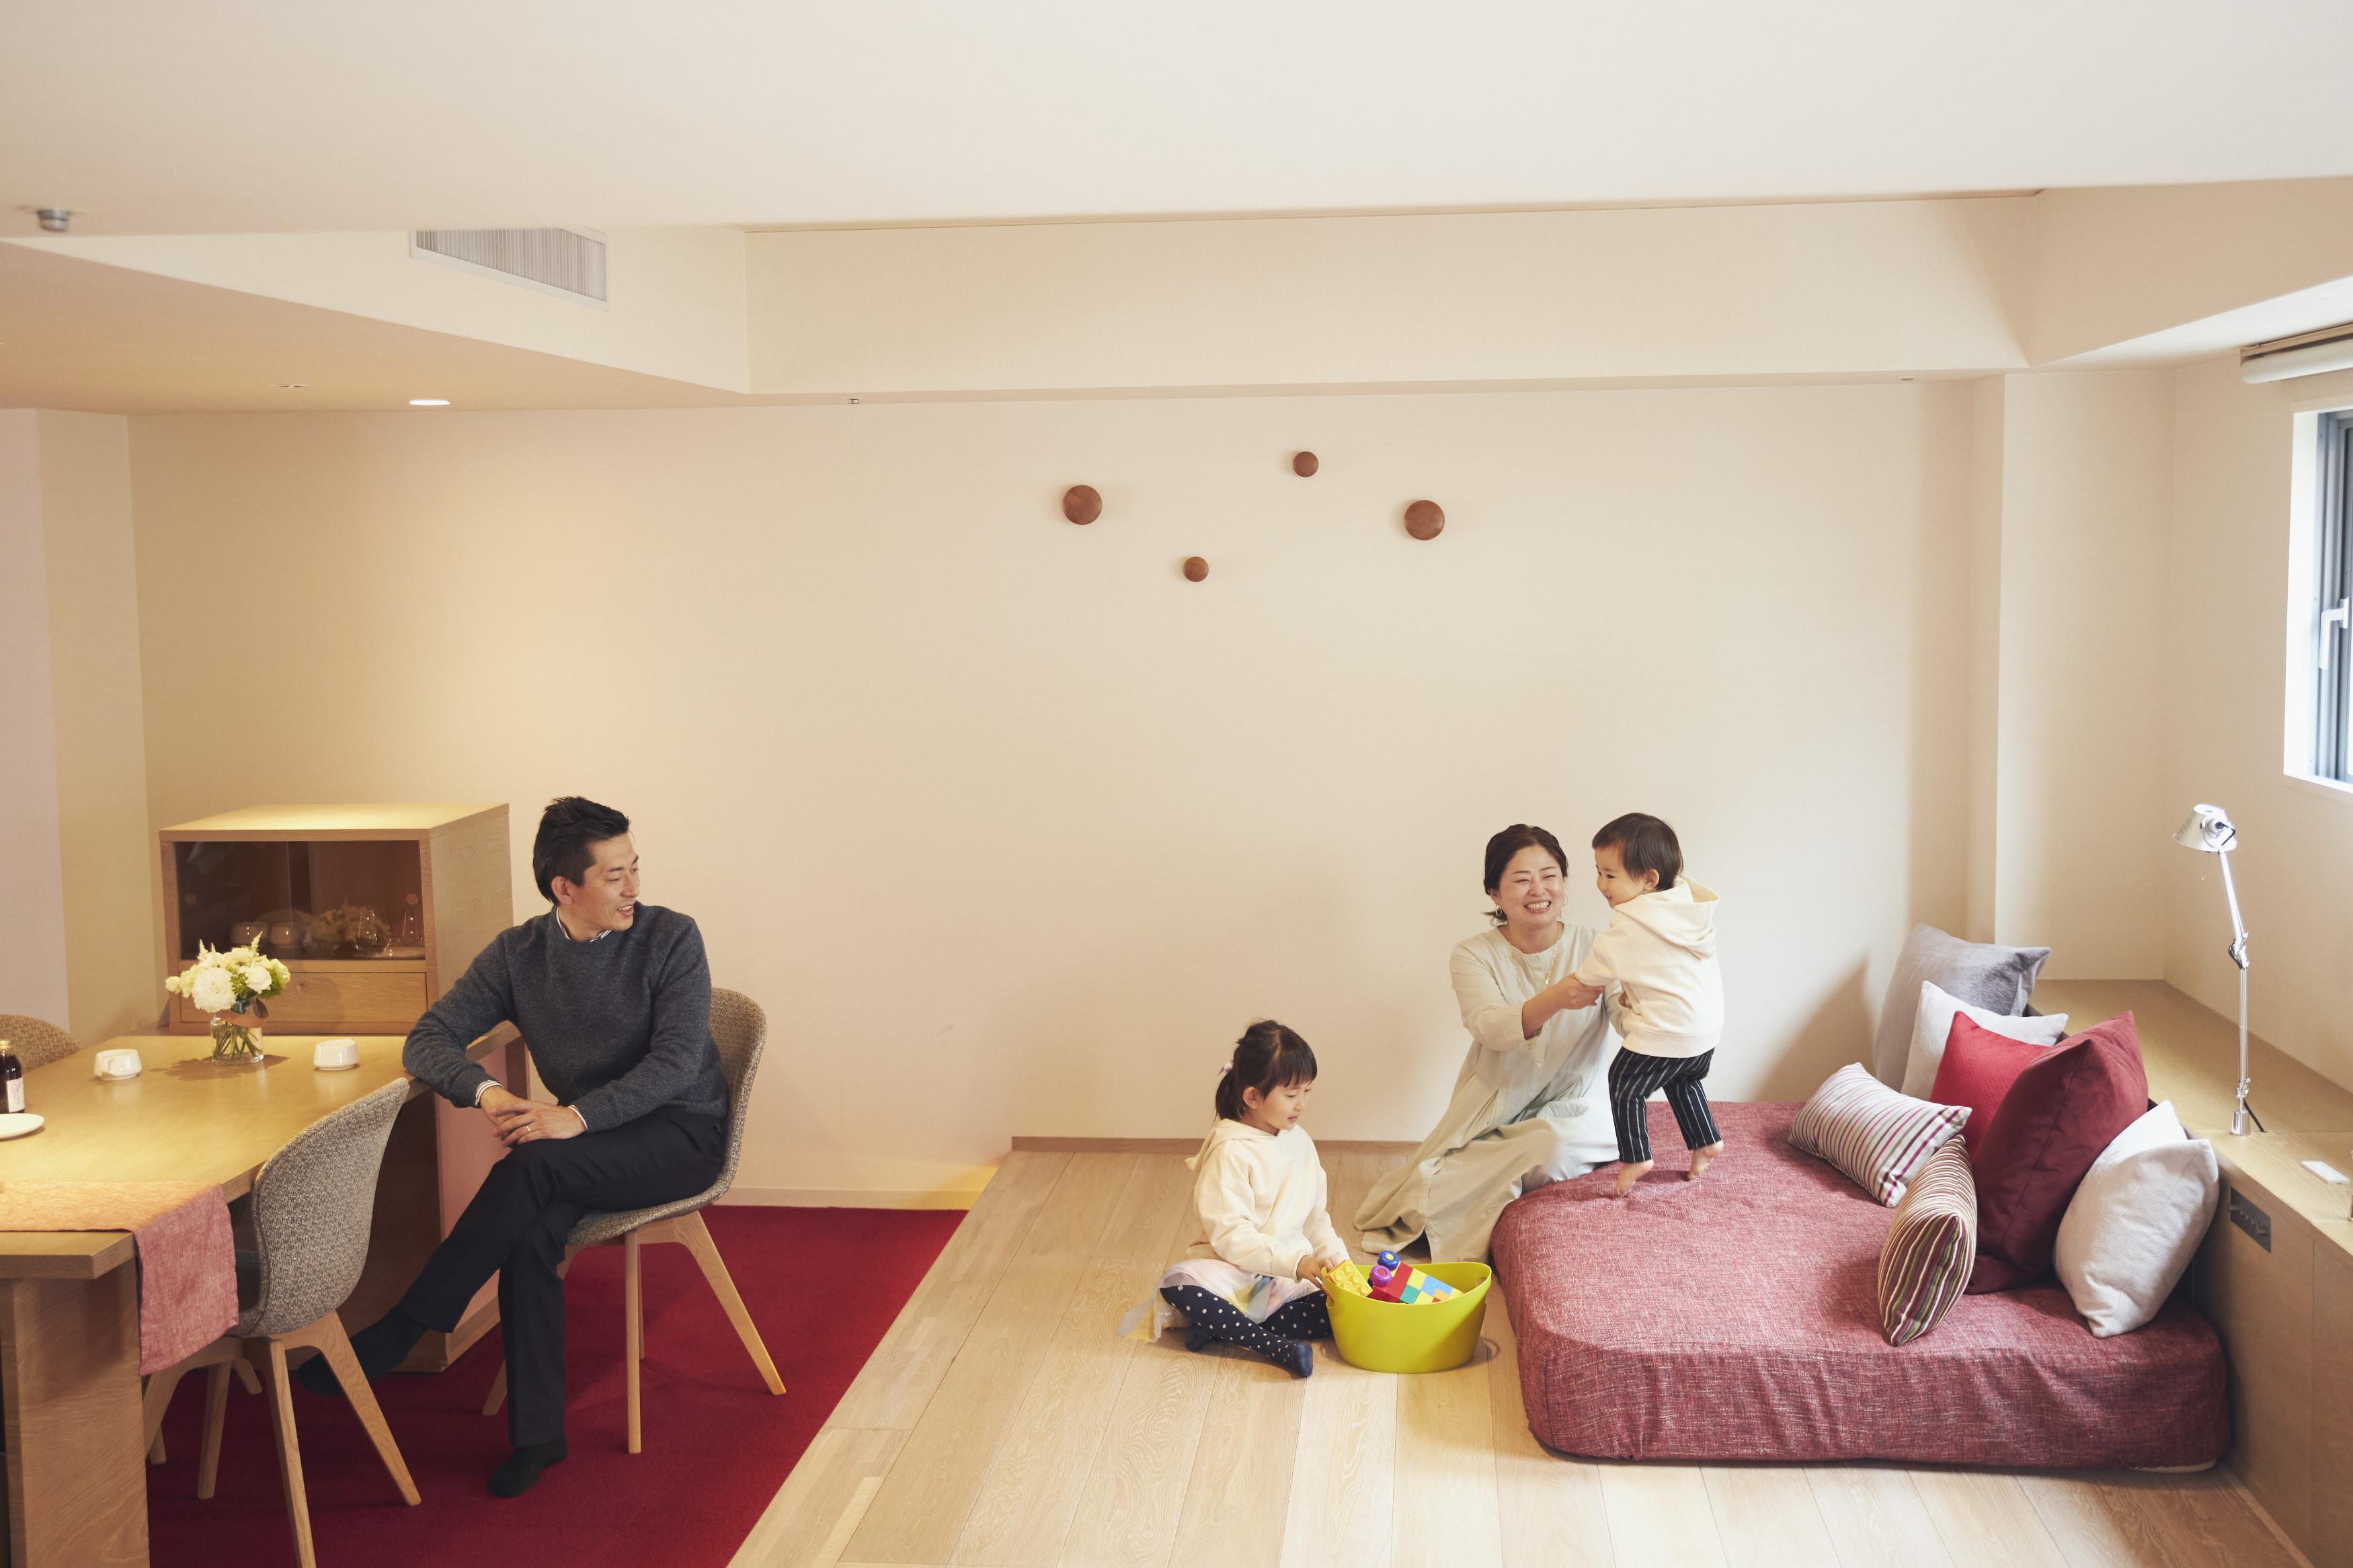 段差を利用したゾーニングが空間を効果的に演出する、レジデンス棟のテラスルーム